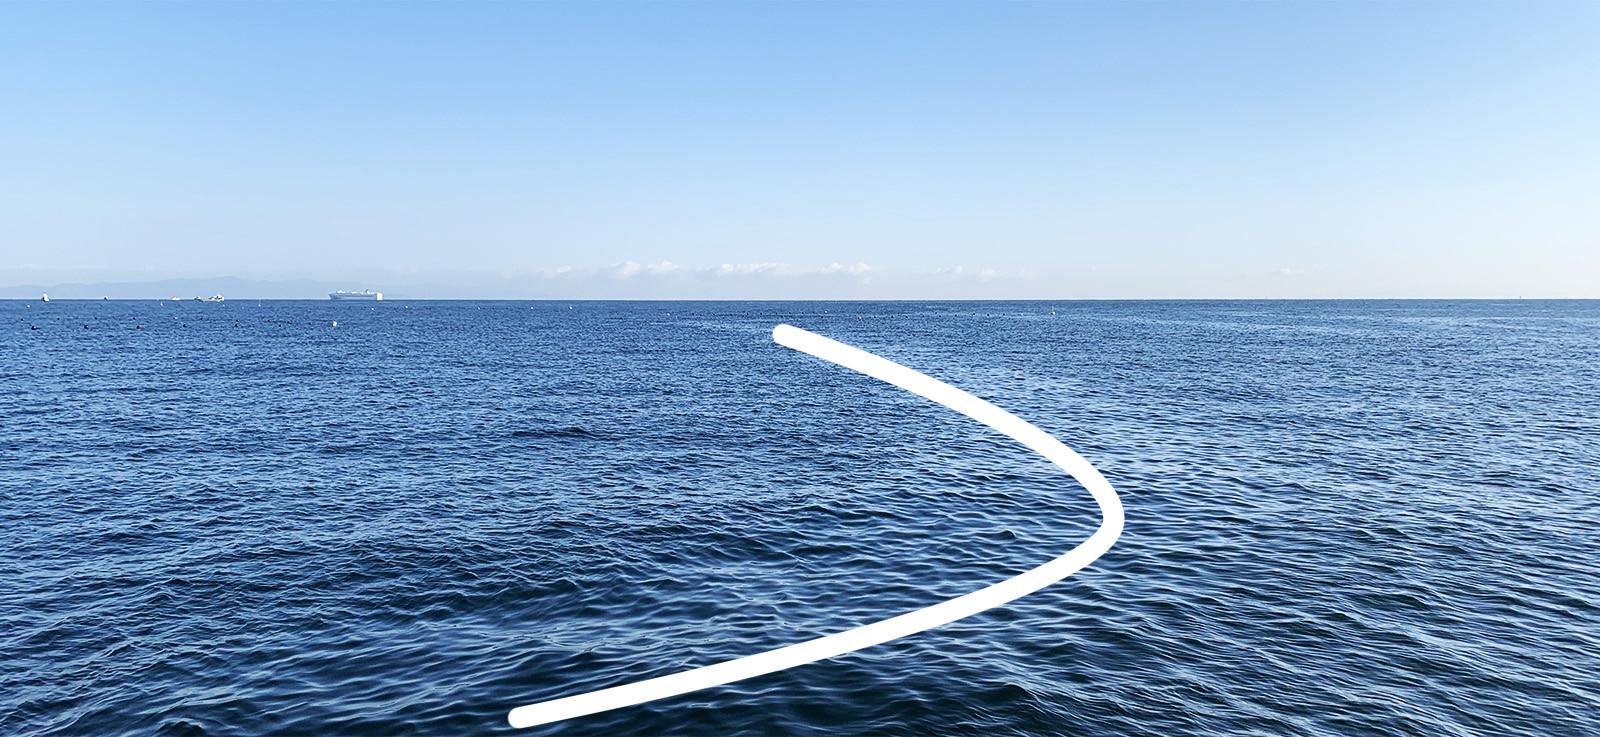 潮目がどこにあるか線でを示した写真